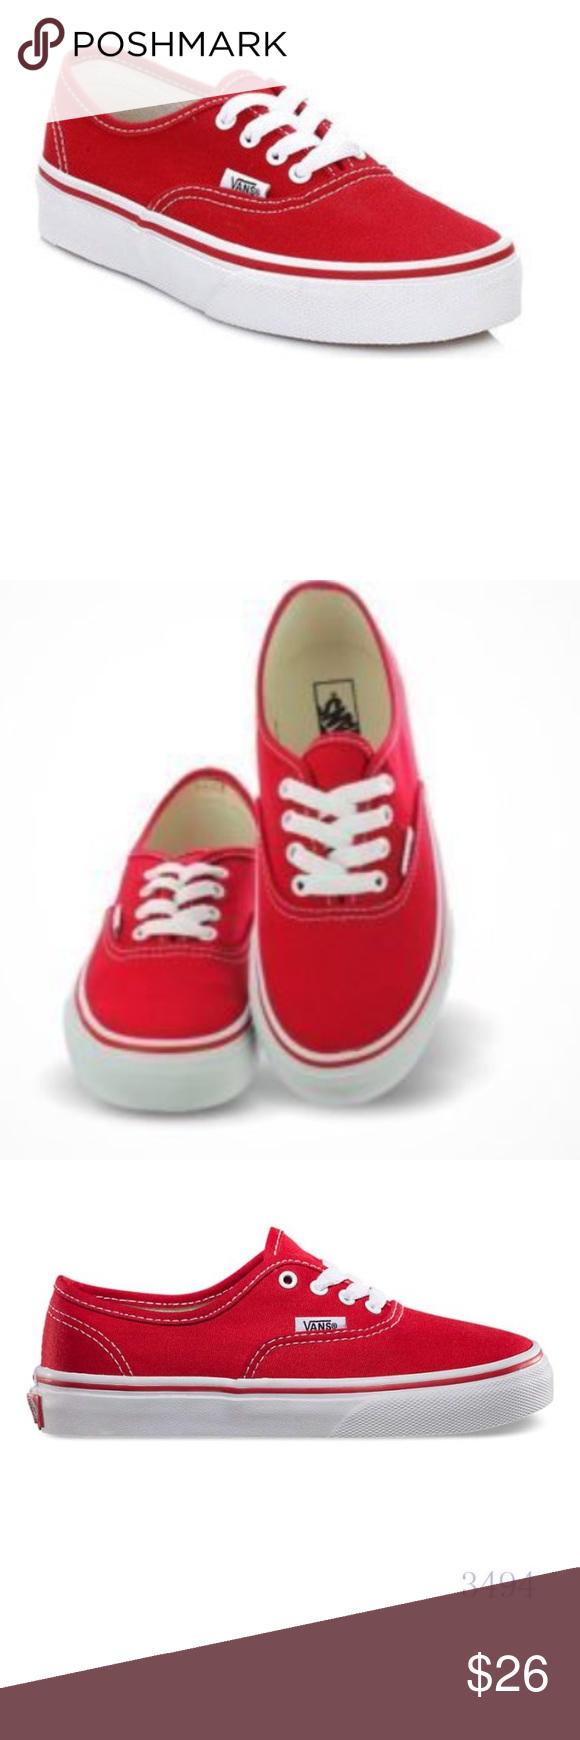 vans size 3 shoes